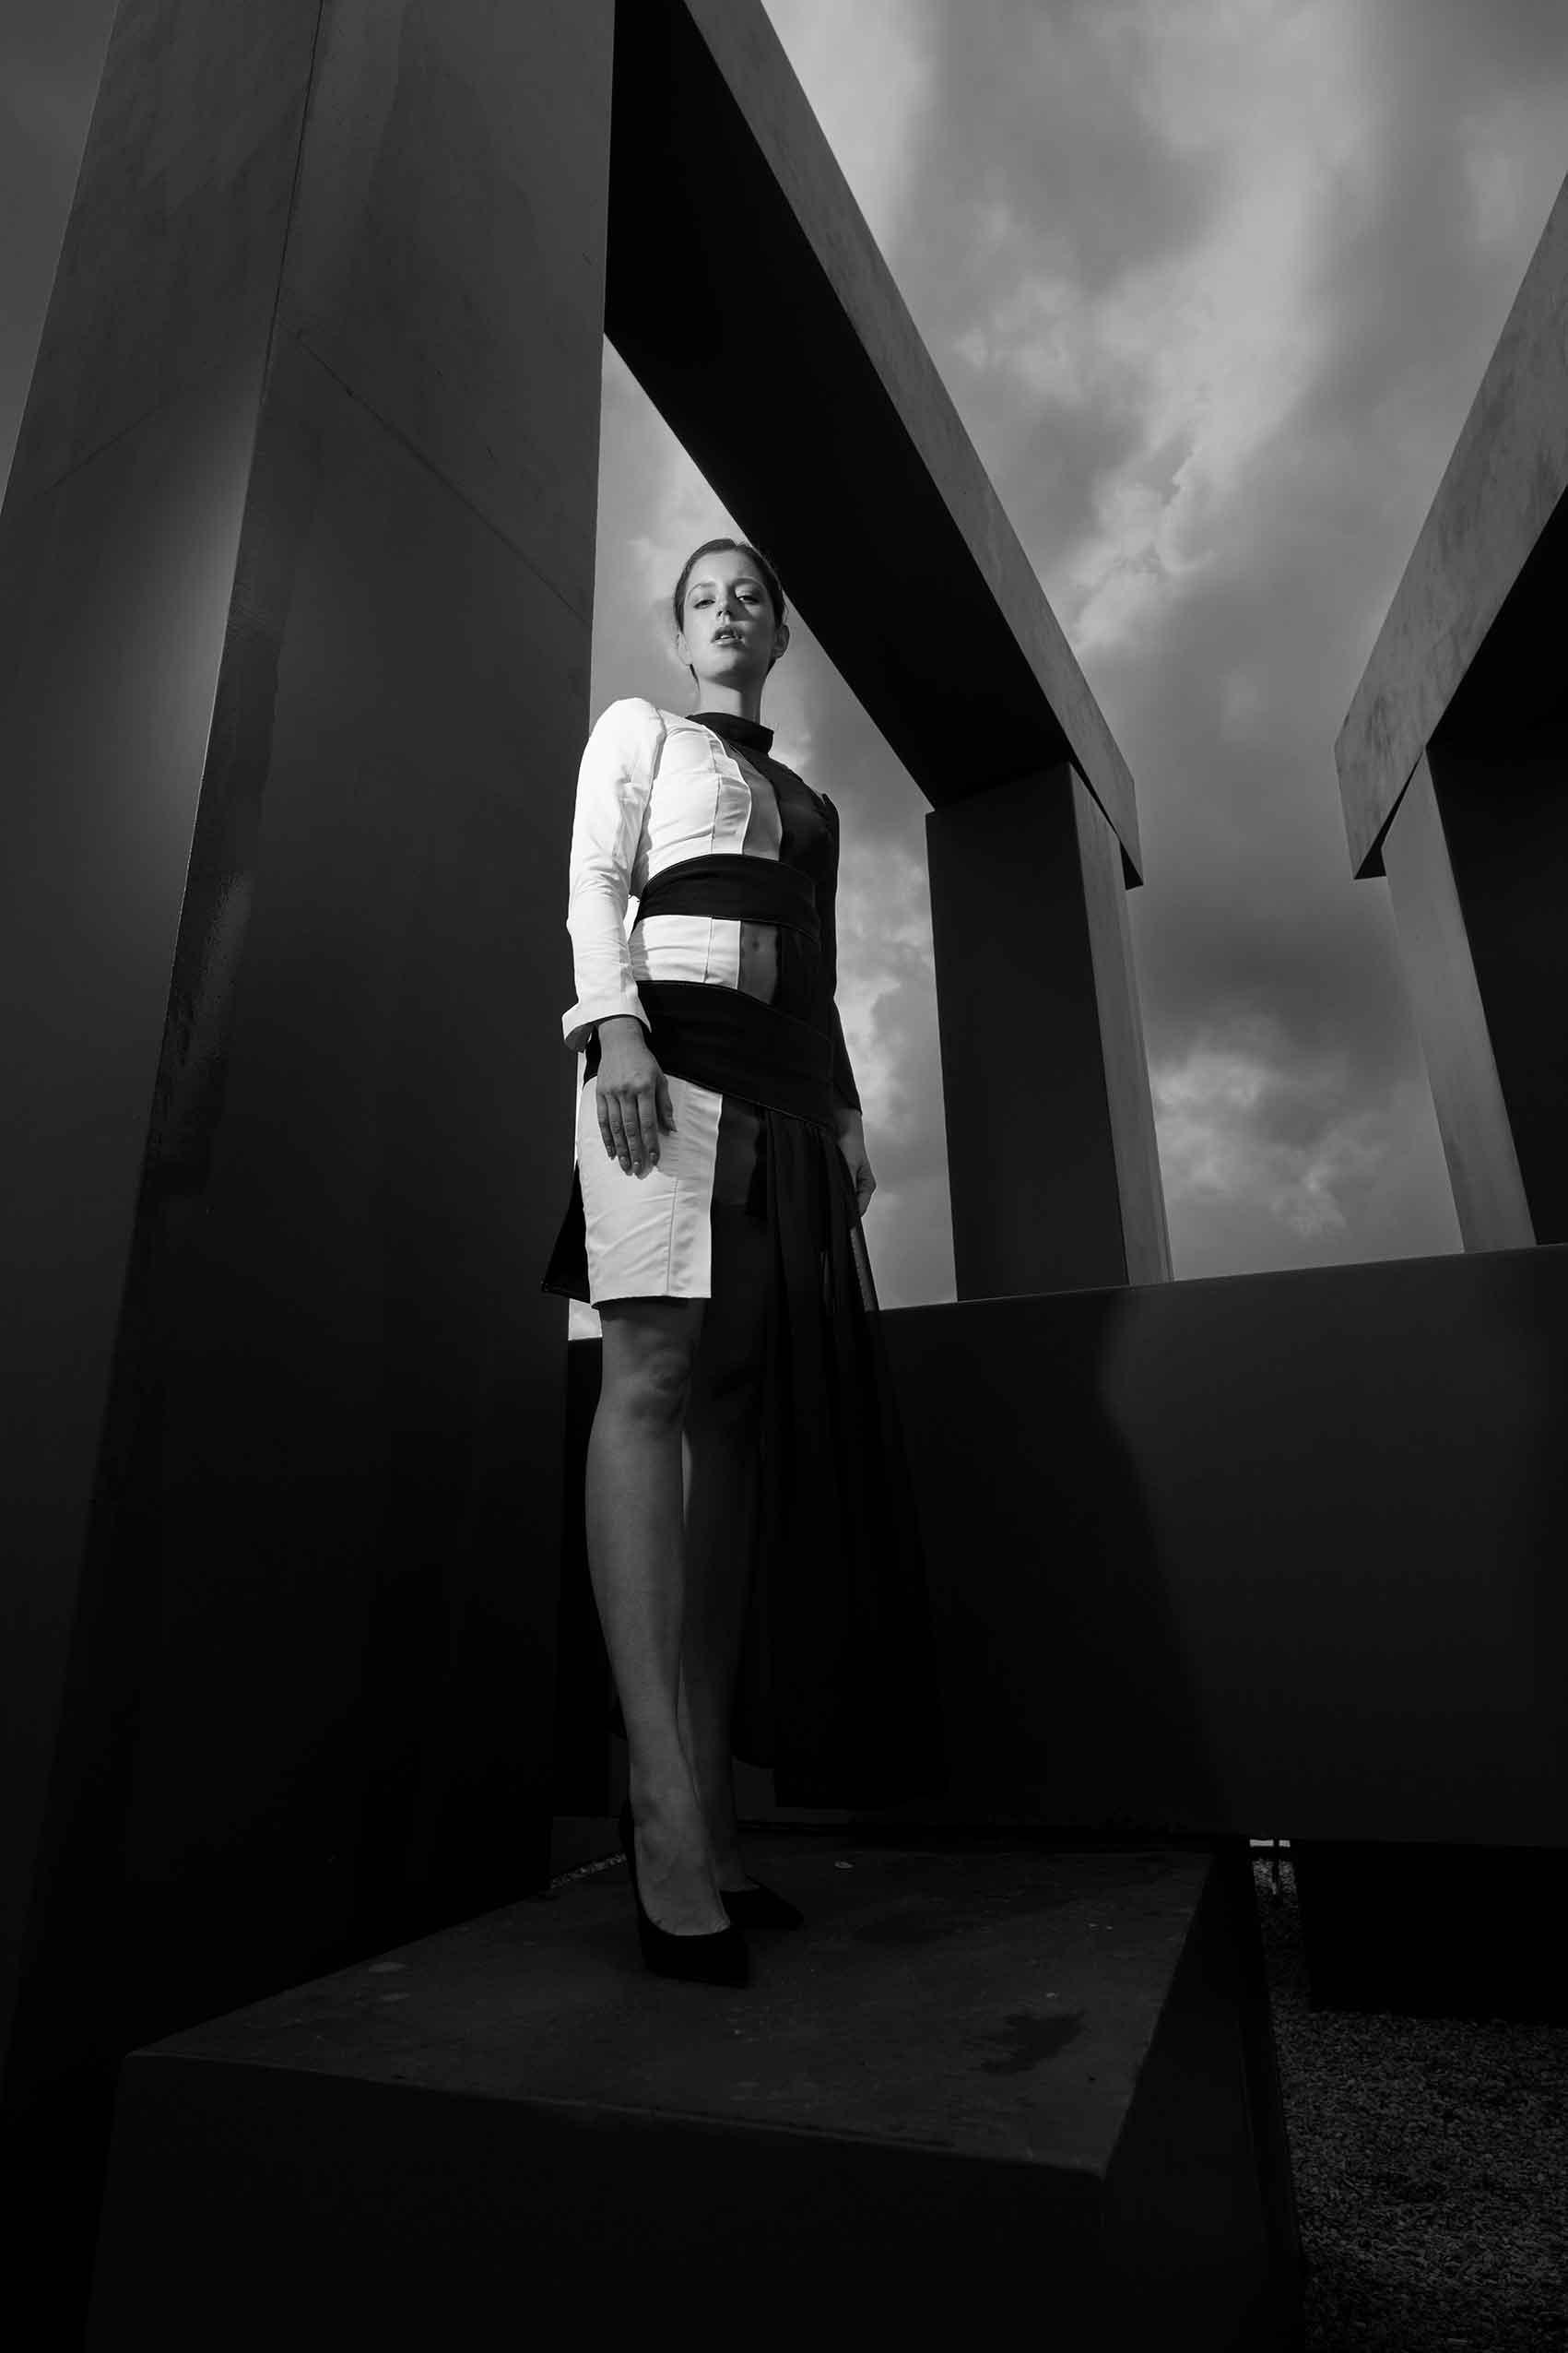 מאשה-גילדר-מגזין-אופנה-מגזין-אופנה-אינטרנטי